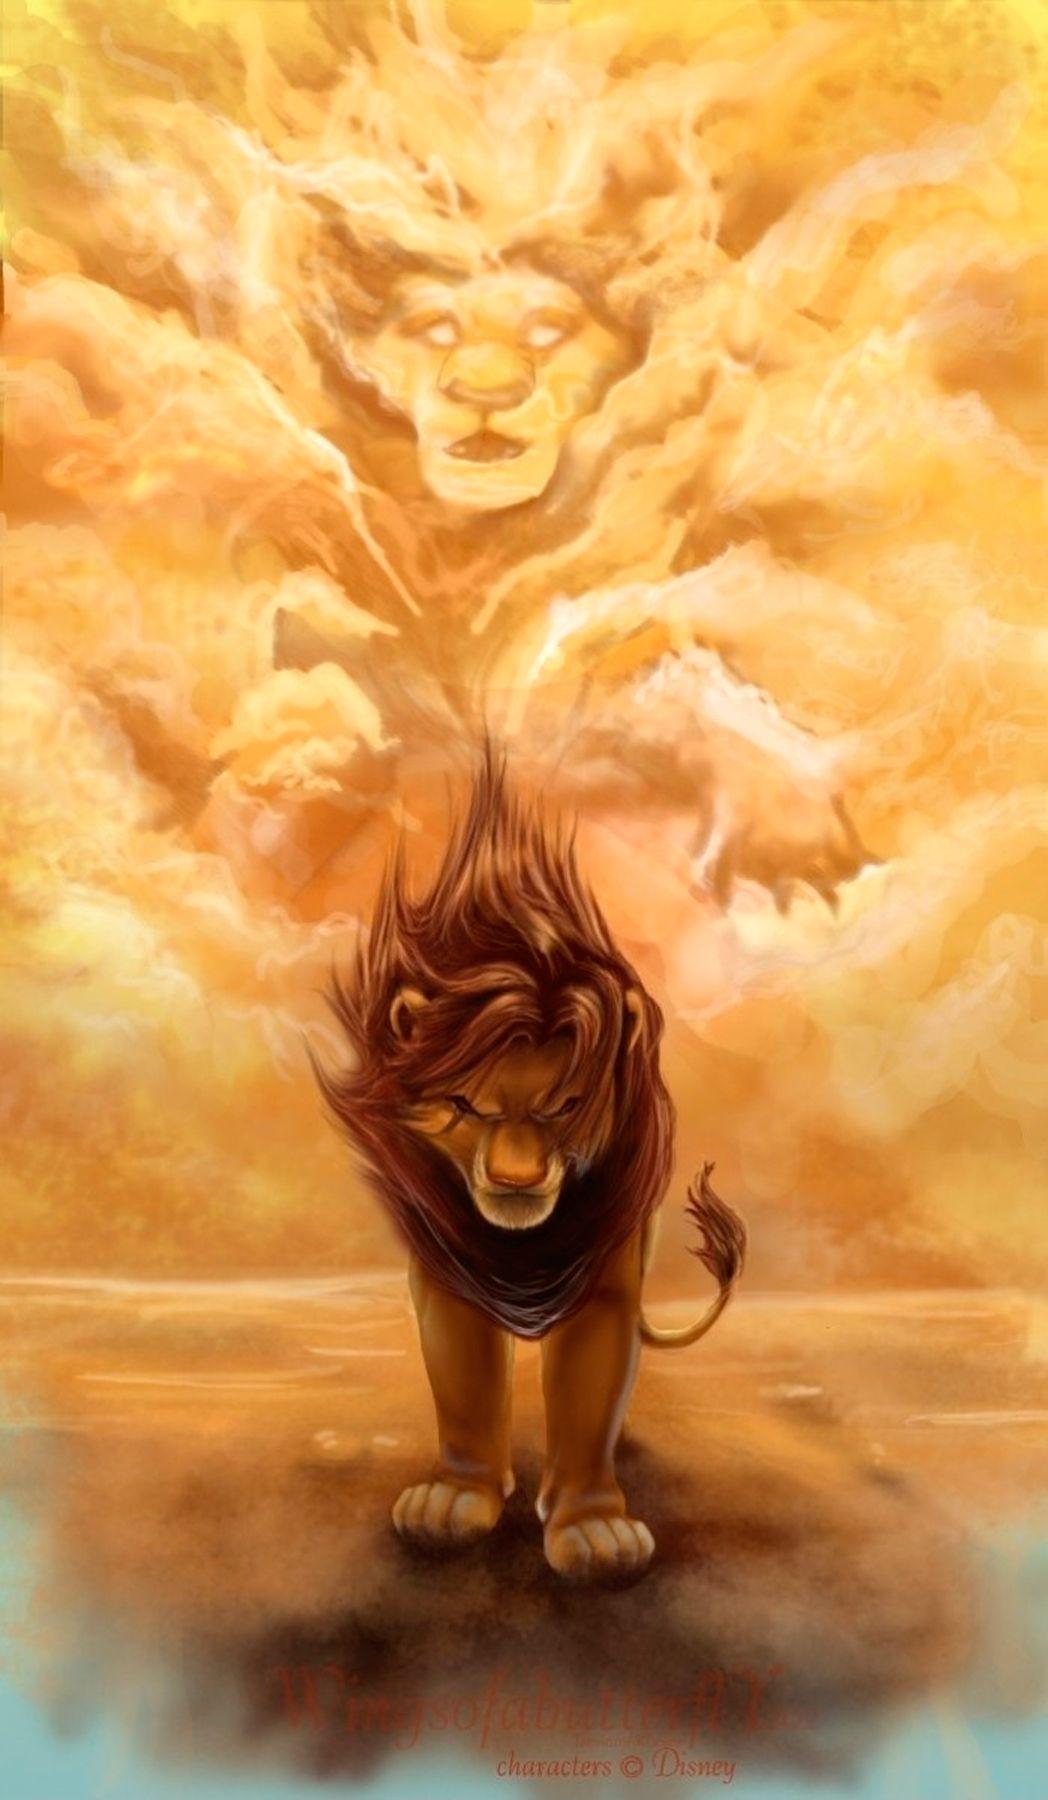 The lion king) — й по счёту классический мультфильм студии диснея, снятый режиссёрами роджером аллерсом и робом минкоффом.